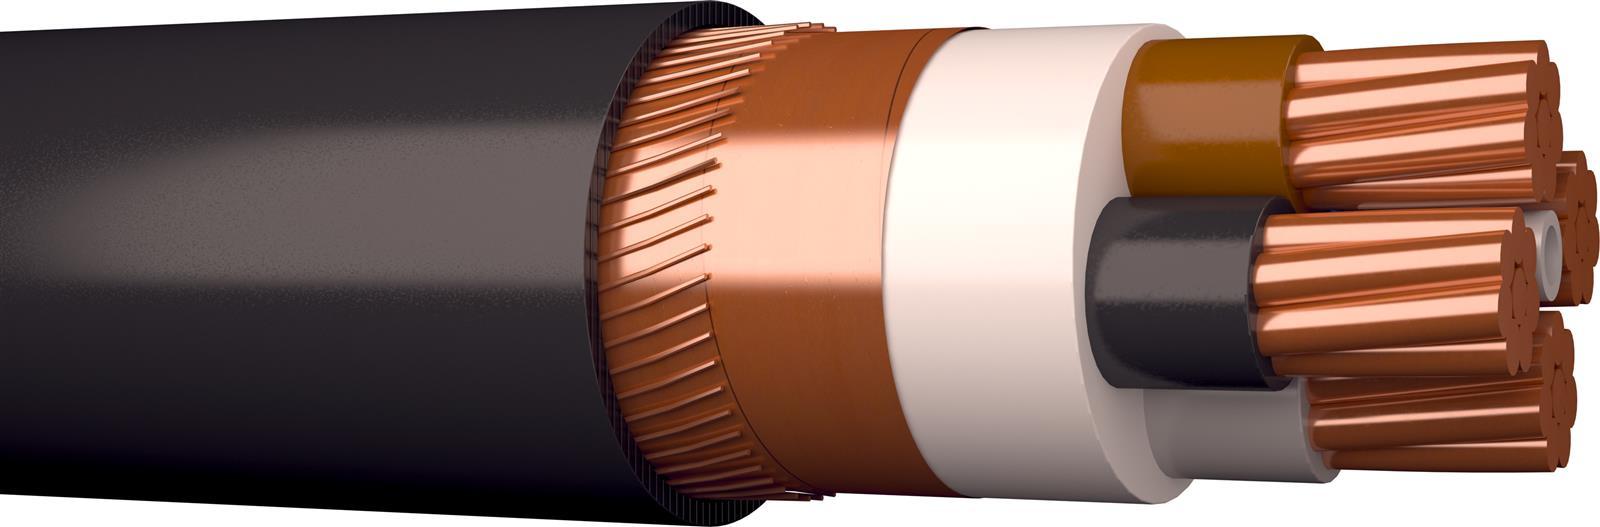 FXQJ-EMC PURE 4X35 FR/16